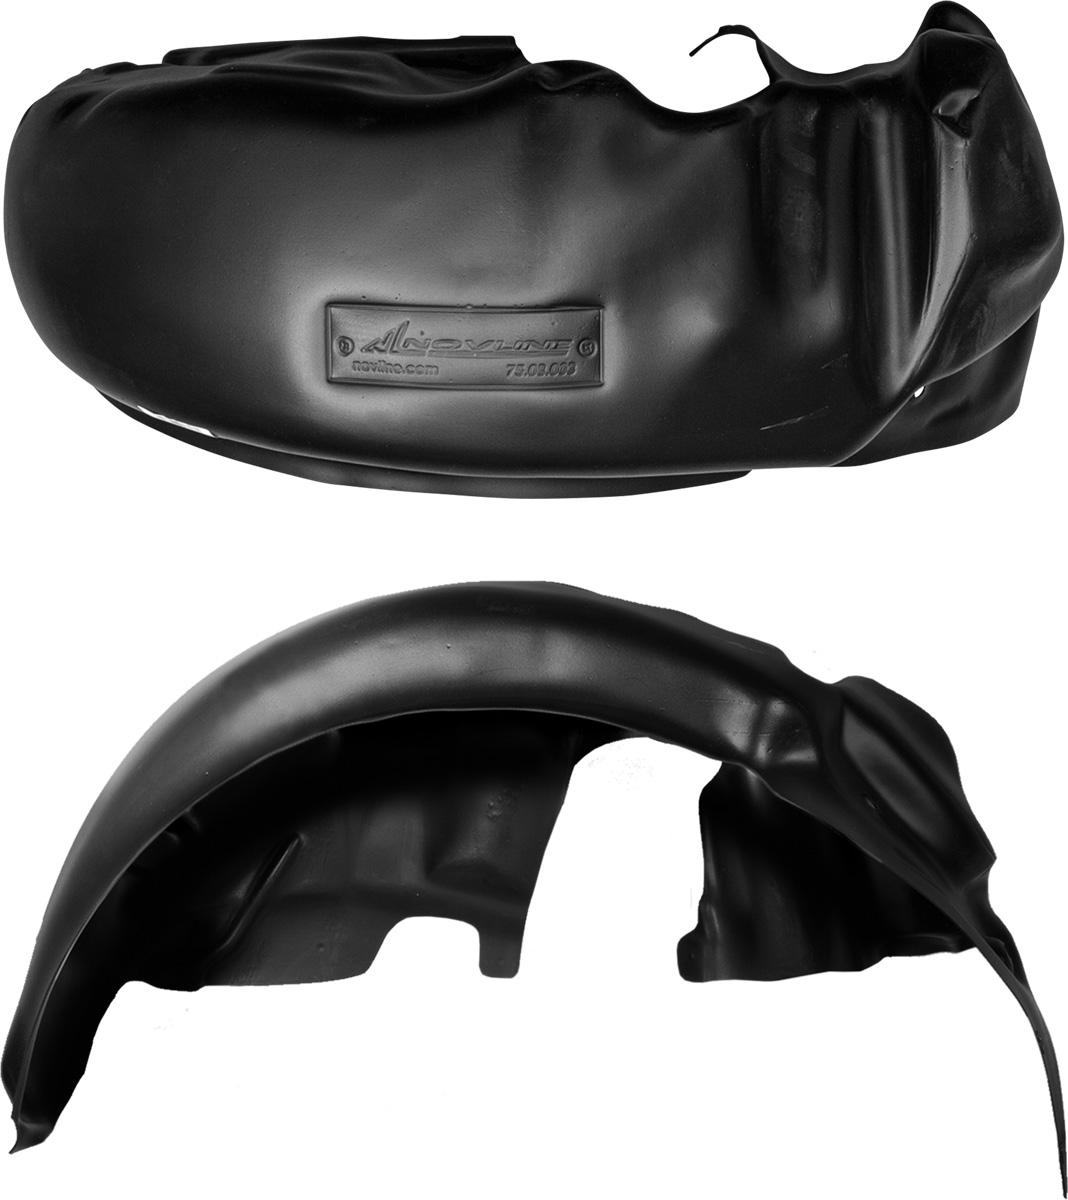 Подкрылок Novline-Autofamily, для Daewoo Nexia 1995-2007, 2007 -> (задний левый)SVC-300Подкрылок выполнен из высококачественного, экологически чистого пластика. Обеспечивает надежную защиту кузова автомобиля от пескоструйного эффекта и негативного влияния, агрессивных антигололедных реагентов. Пластик обладает более низкой теплопроводностью, чем металл, поэтому в зимний период эксплуатации использование пластиковых подкрылков позволяет лучше защитить колесные ниши от налипания снега и образования наледи. Оригинальность конструкции подчеркивает элегантность автомобиля, бережно защищает нанесенное на днище кузова антикоррозийное покрытие и позволяет осуществить крепление подкрылка внутри колесной арки практически без дополнительного крепежа и сверления, не нарушая при этом лакокрасочного покрытия, что предотвращает возникновение новых очагов коррозии. Технология крепления подкрылка на иномарки принципиально отличается от крепления на российские автомобили и разрабатывается индивидуально для каждой модели автомобиля. Подкрылок долговечен, обладает высокой прочностью и сохраняет заданную форму, а также все свои физико-механические характеристики в самых тяжелых климатических условиях ( от -50° С до + 50° С).